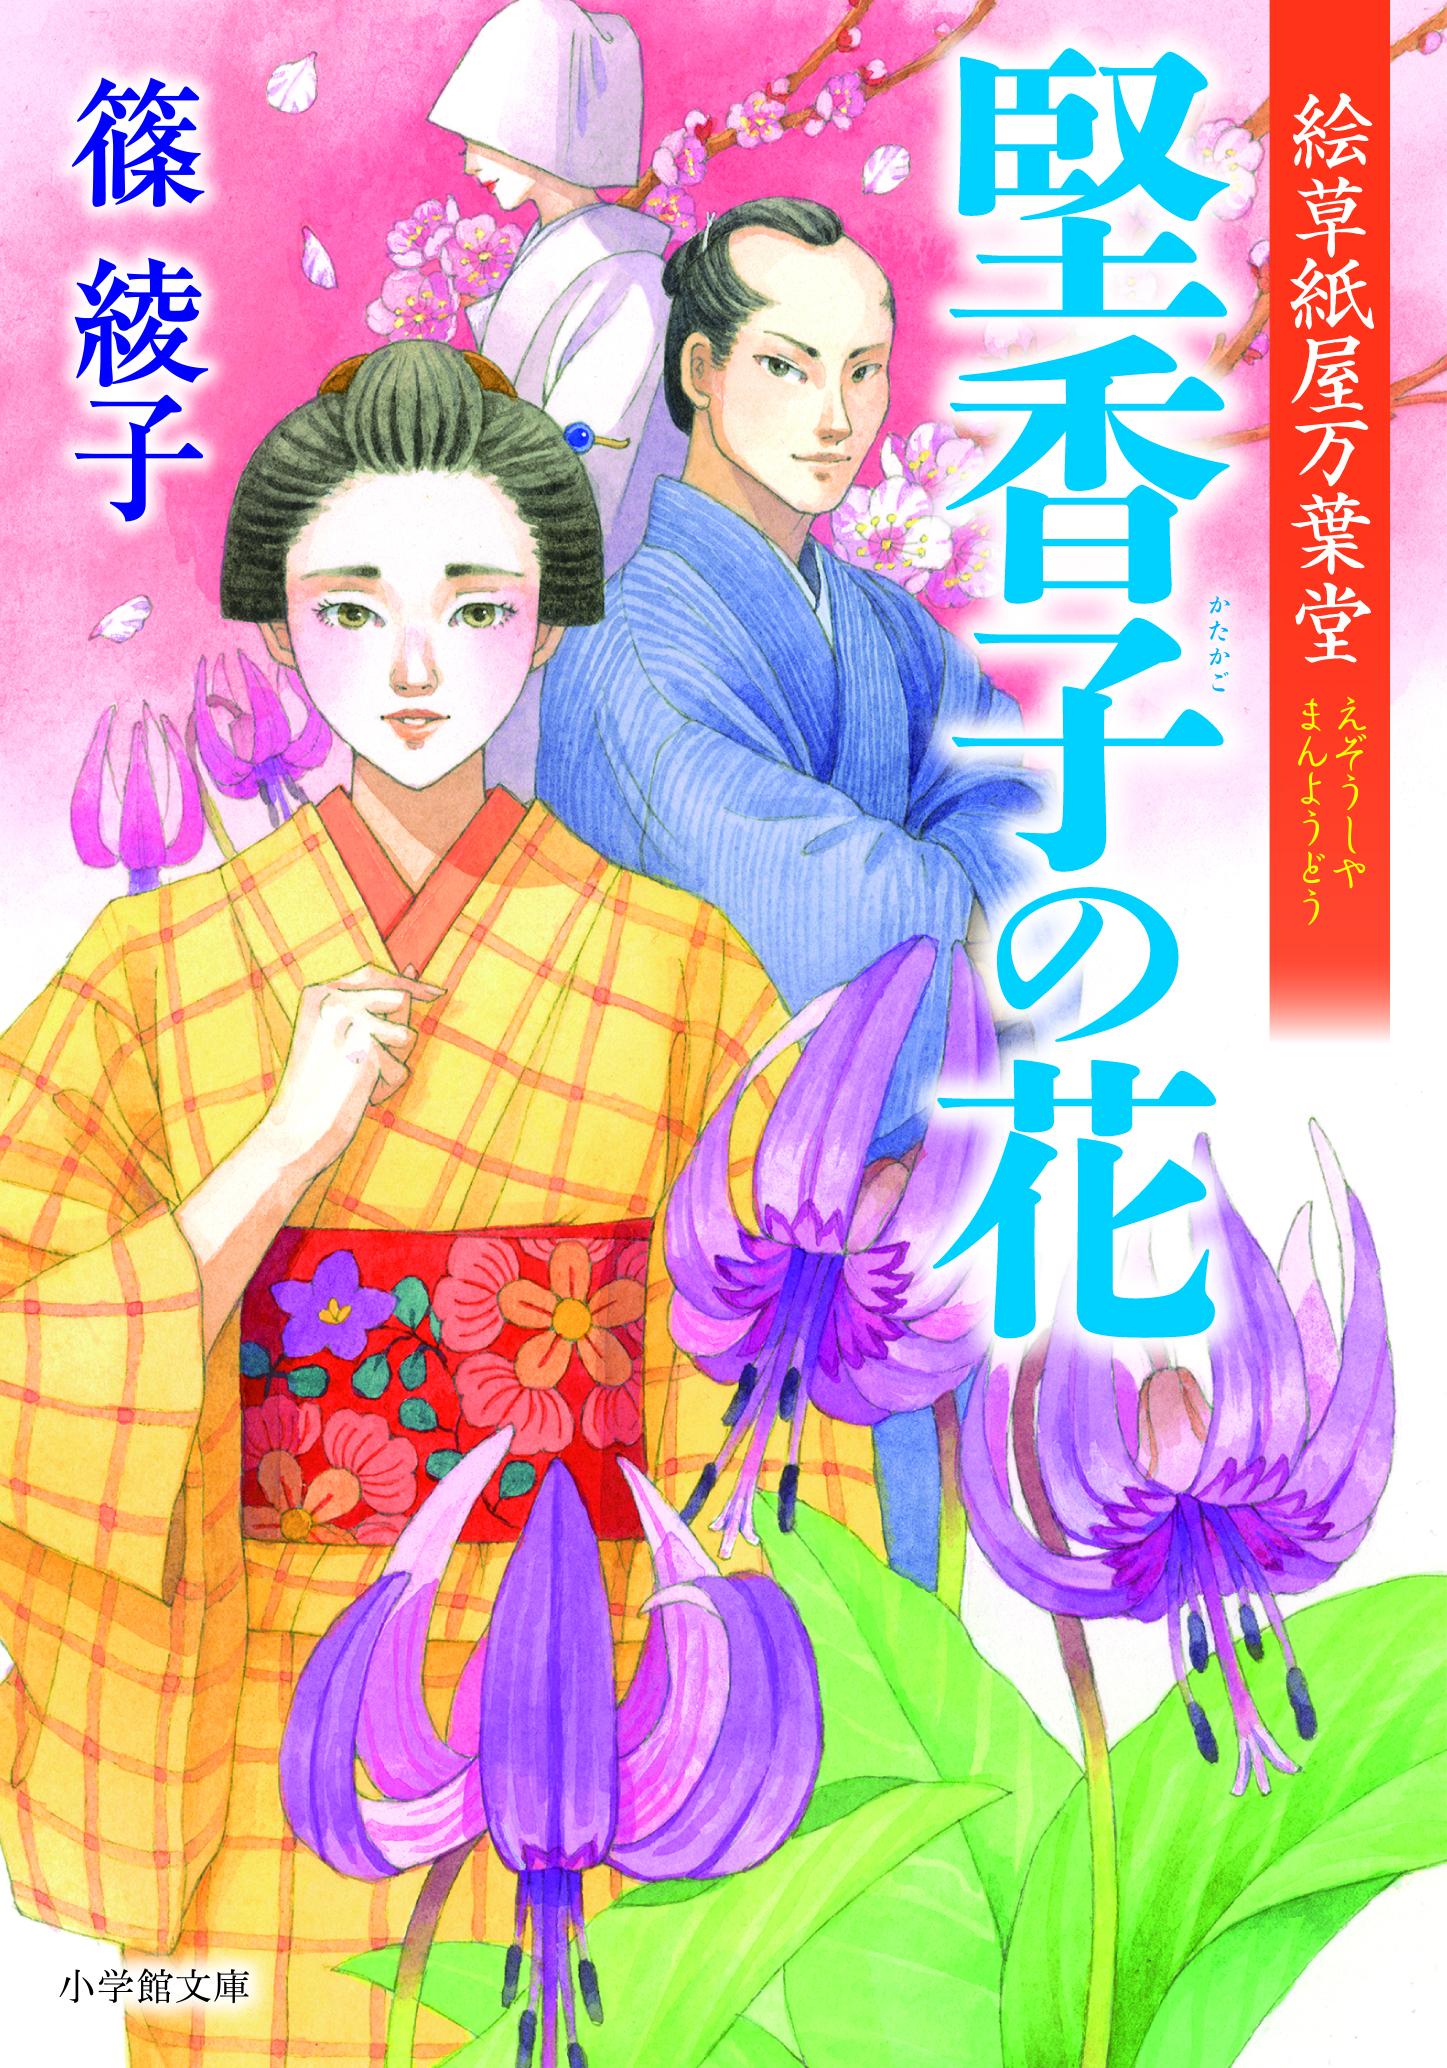 『絵草紙屋万葉堂 堅香子の花』篠 綾子